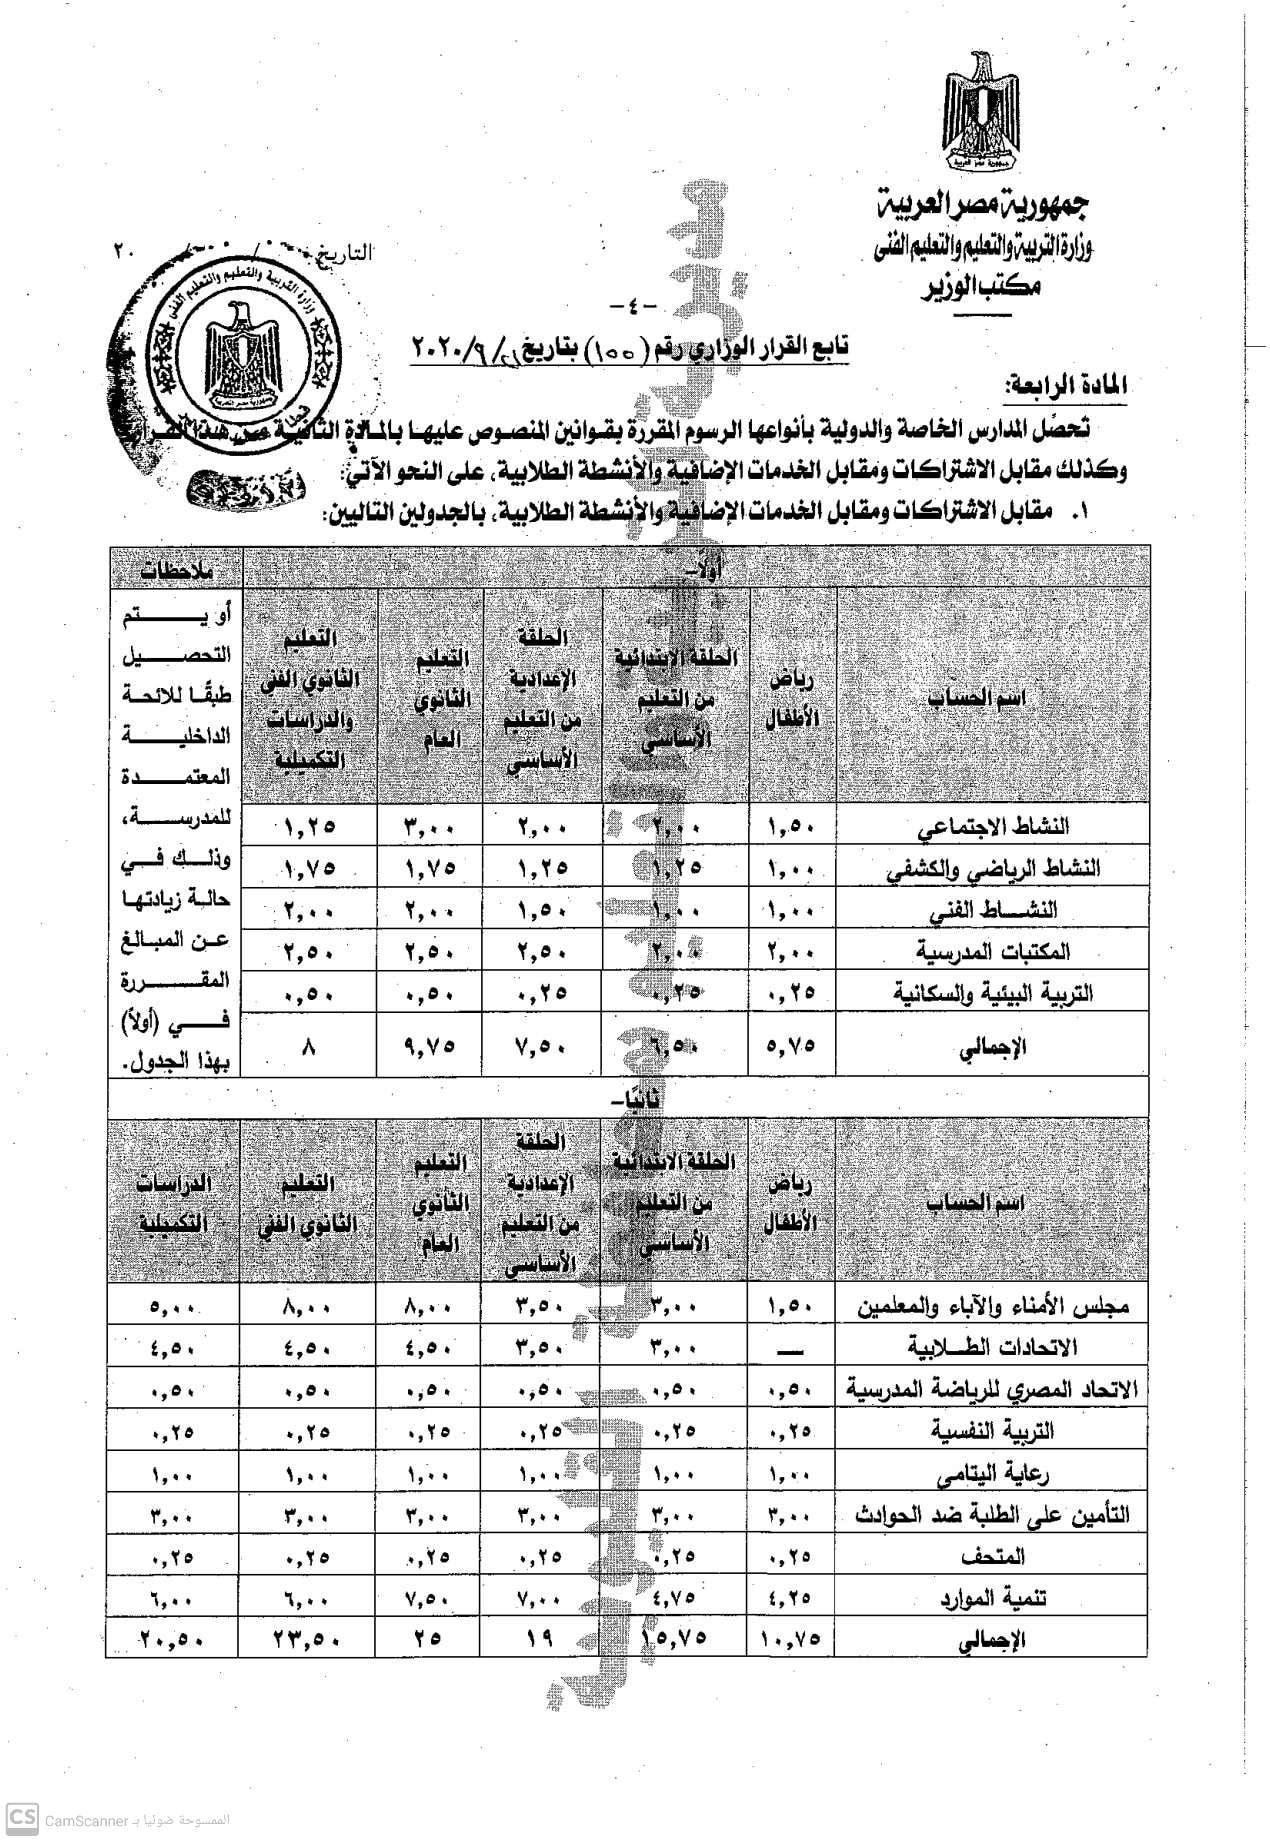 """رسميا.. المصروفات الدراسية للعام ٢٠٢١/٢٠٢٠.. من ٢٠٠ لـ ٥٠٠ جنية """"مستند"""" 4"""